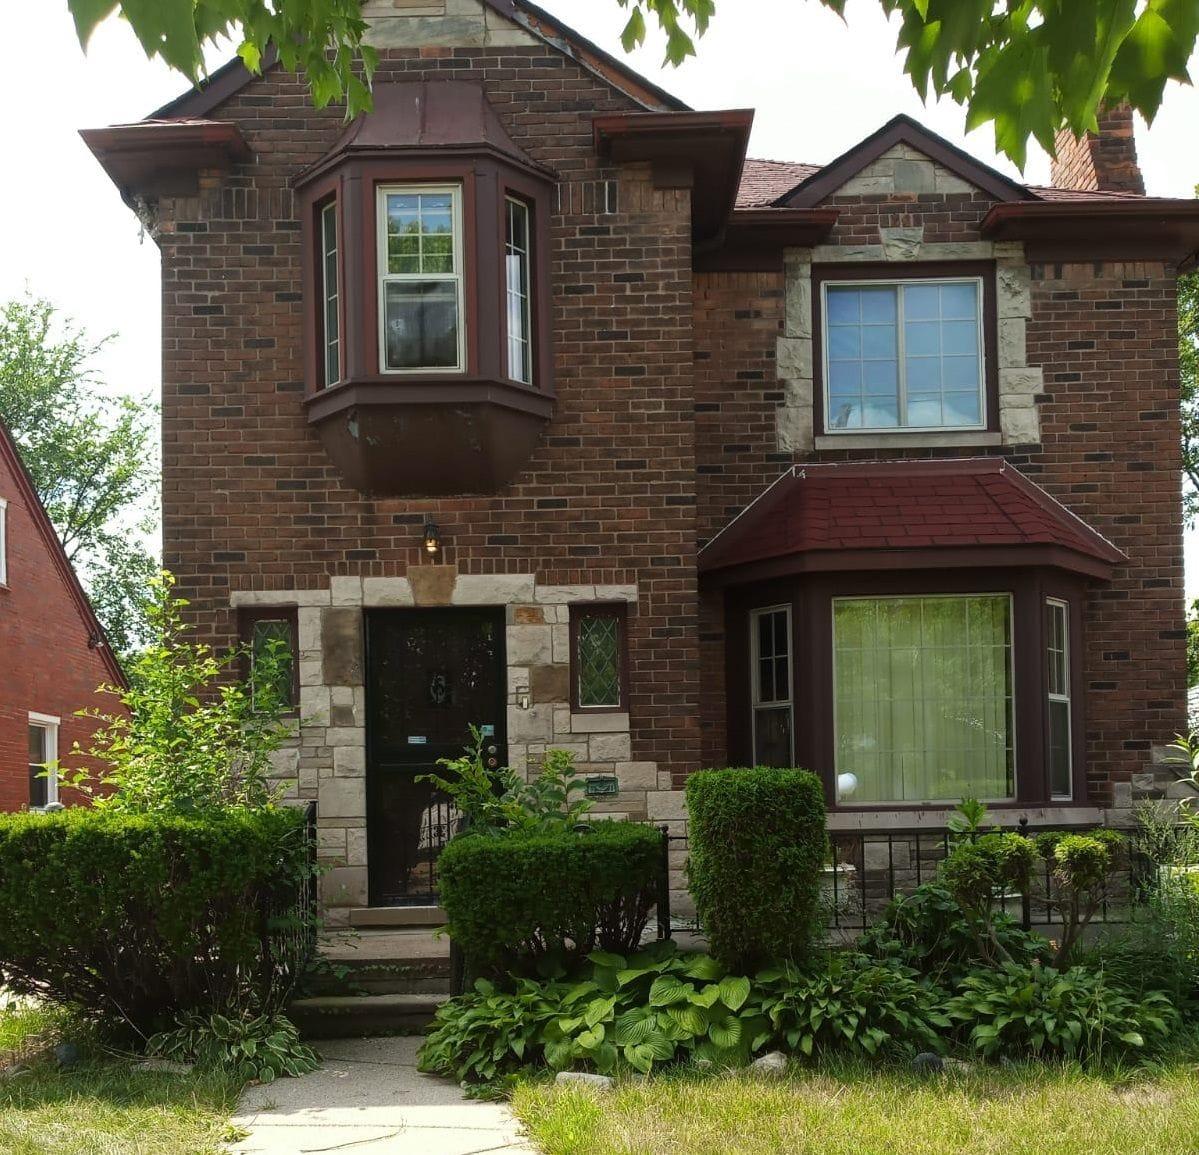 8571 Mendota St Detroit MI 48204 | Cash Flow Positive